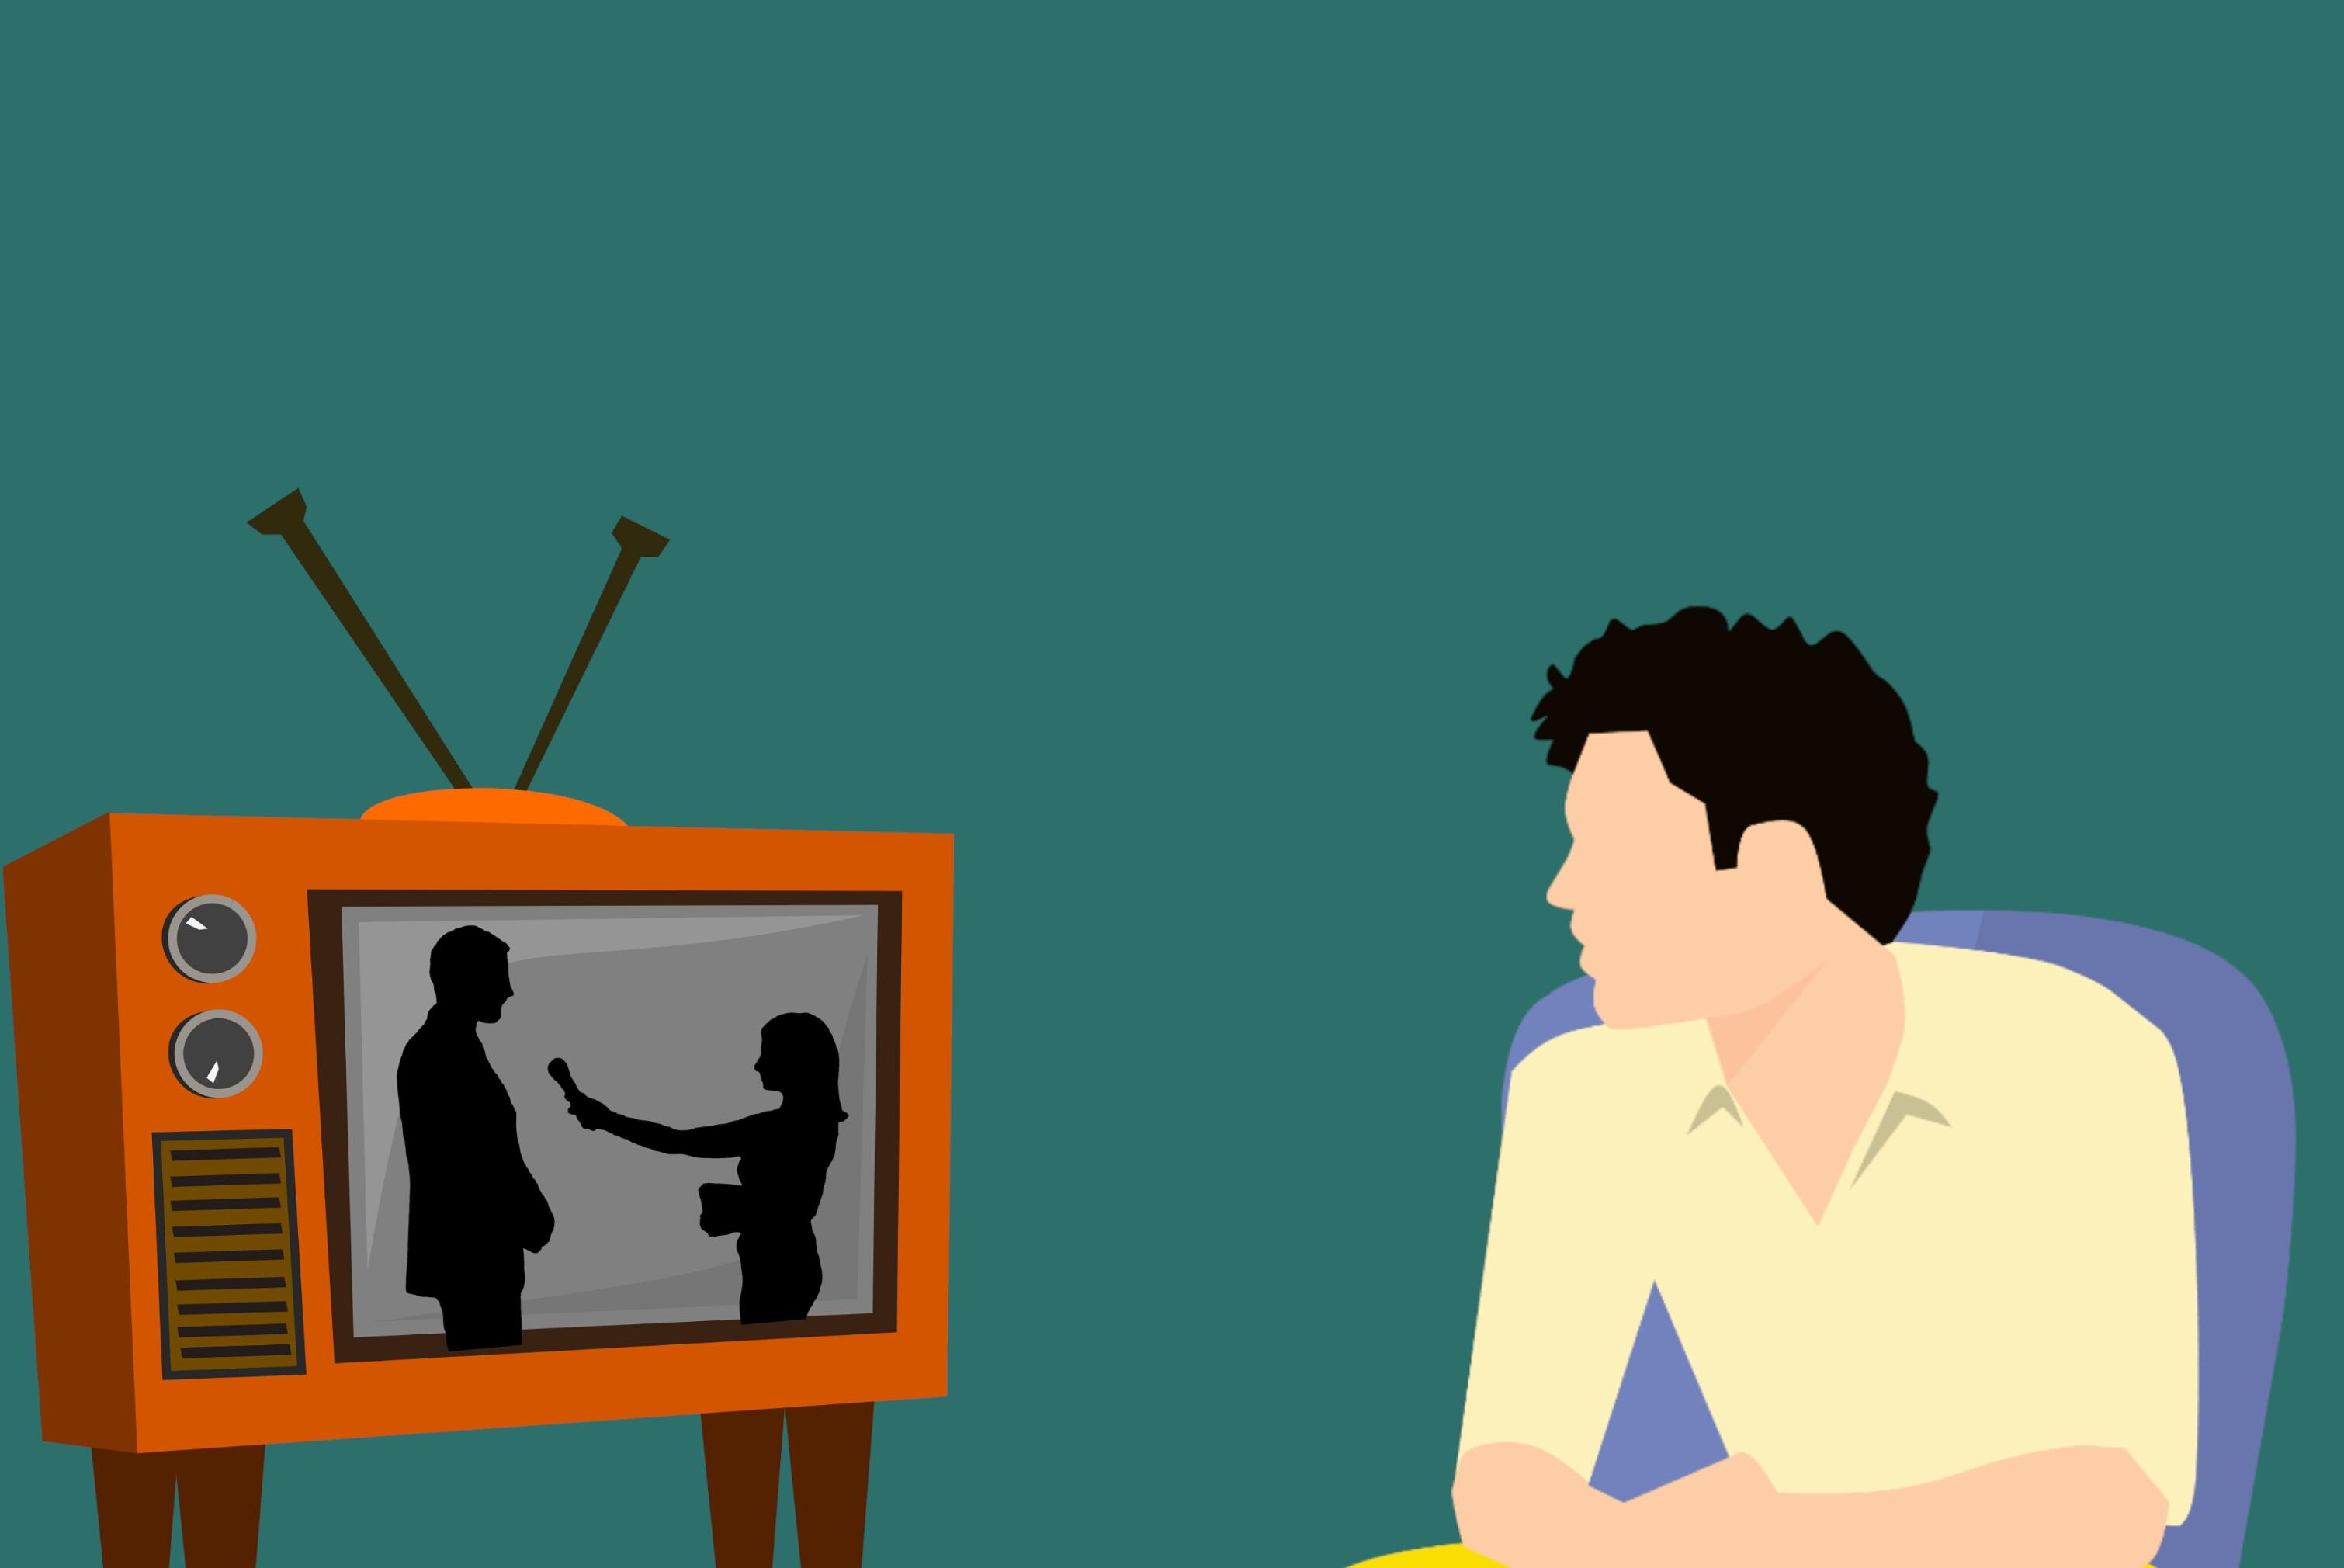 Τηλεόραση καρτούν σεξ φωτογραφίες